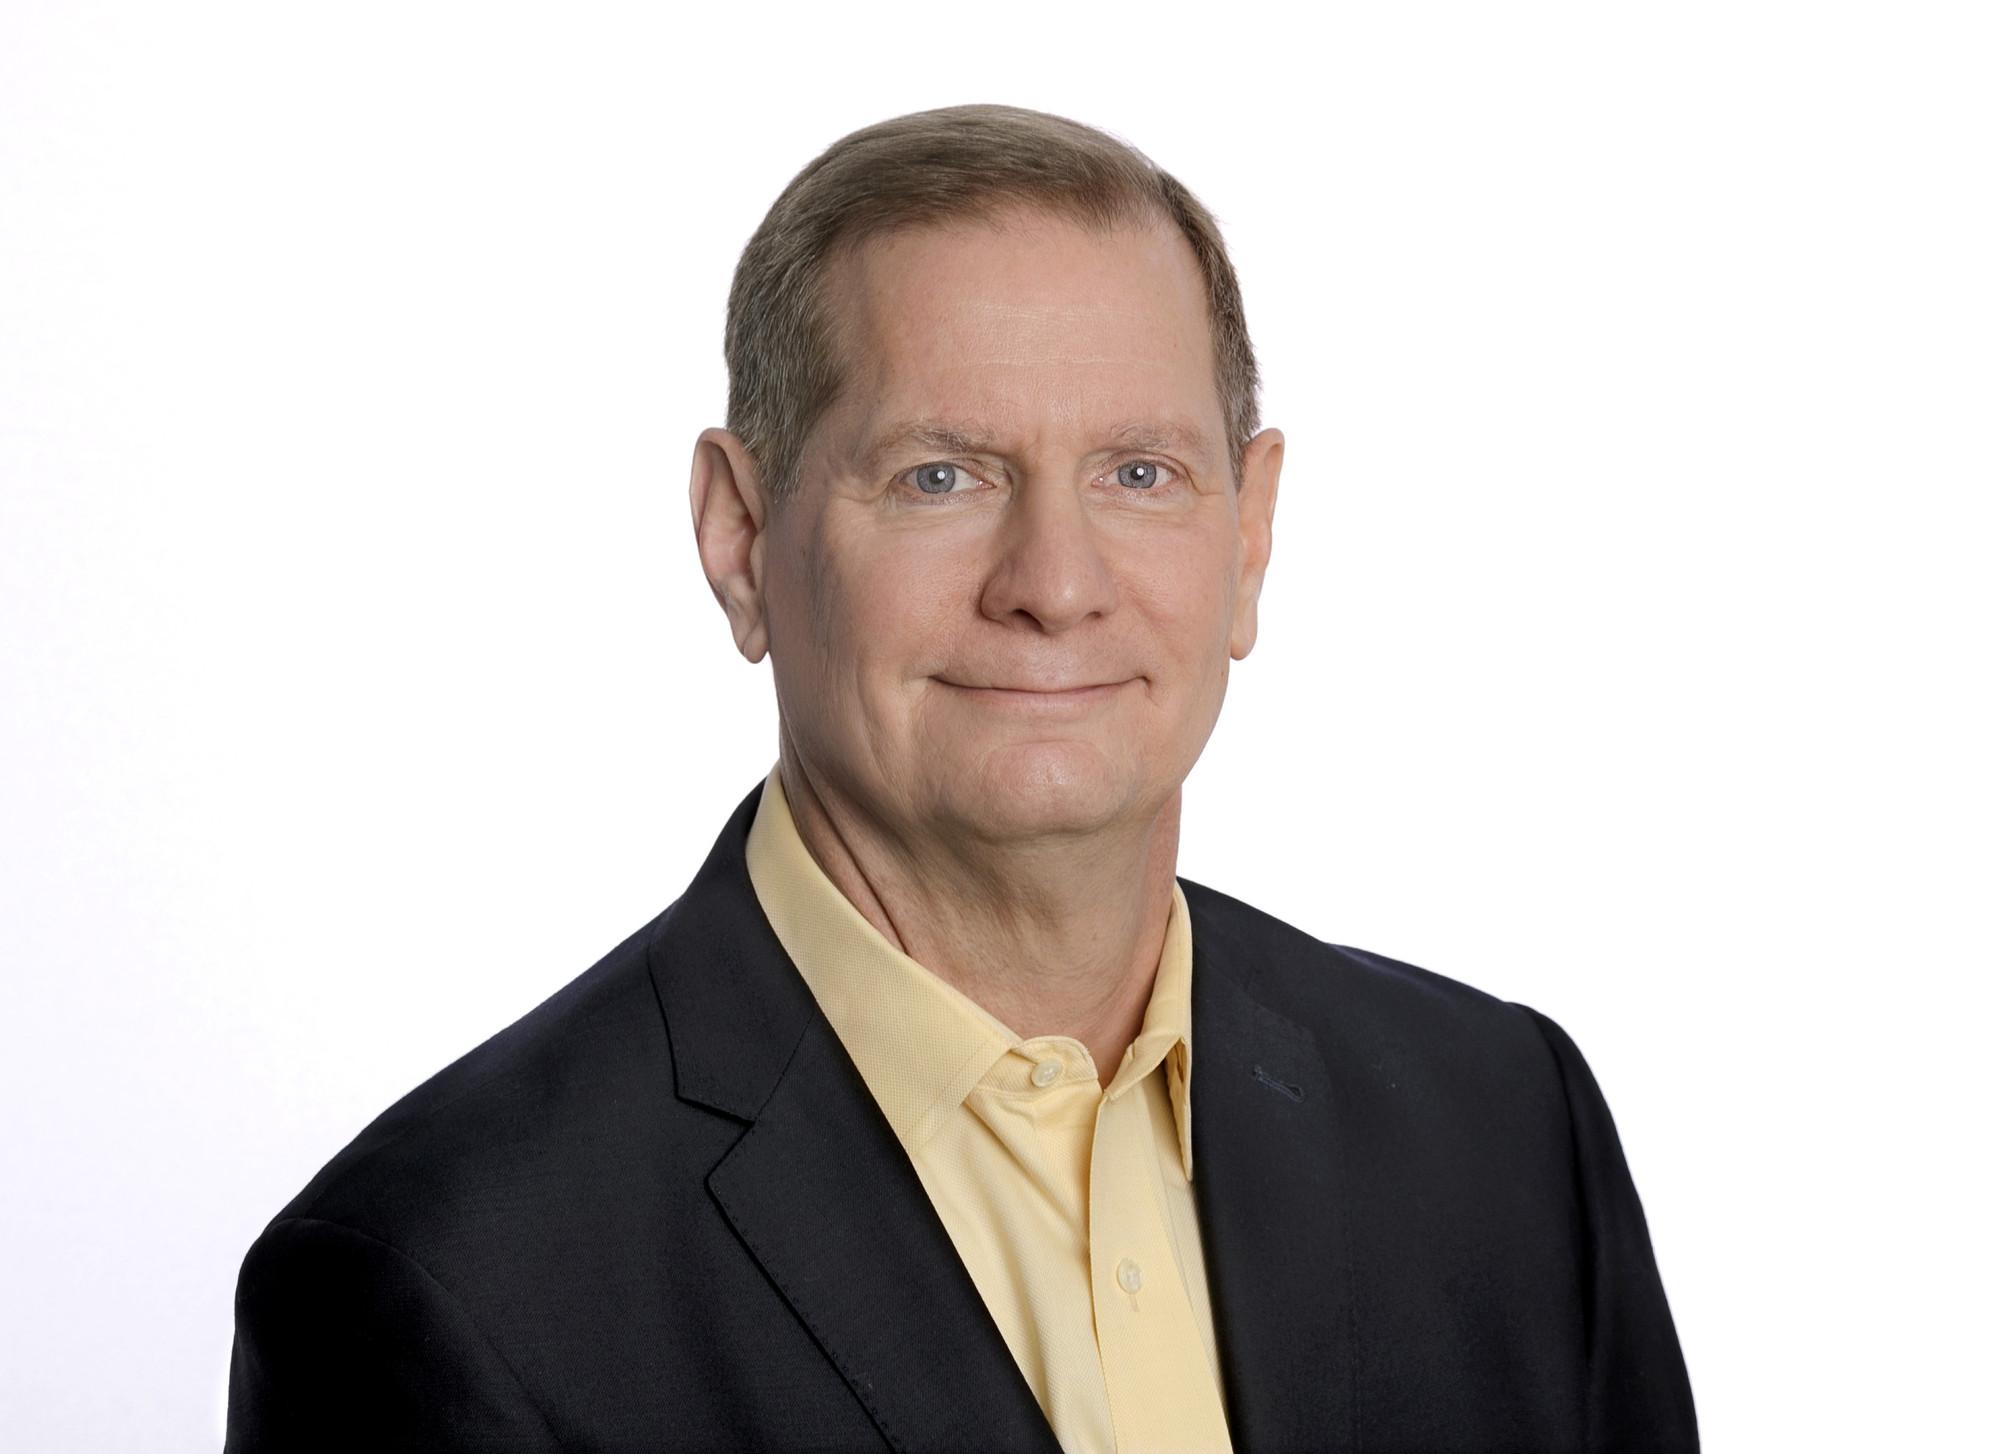 Gary Geissler